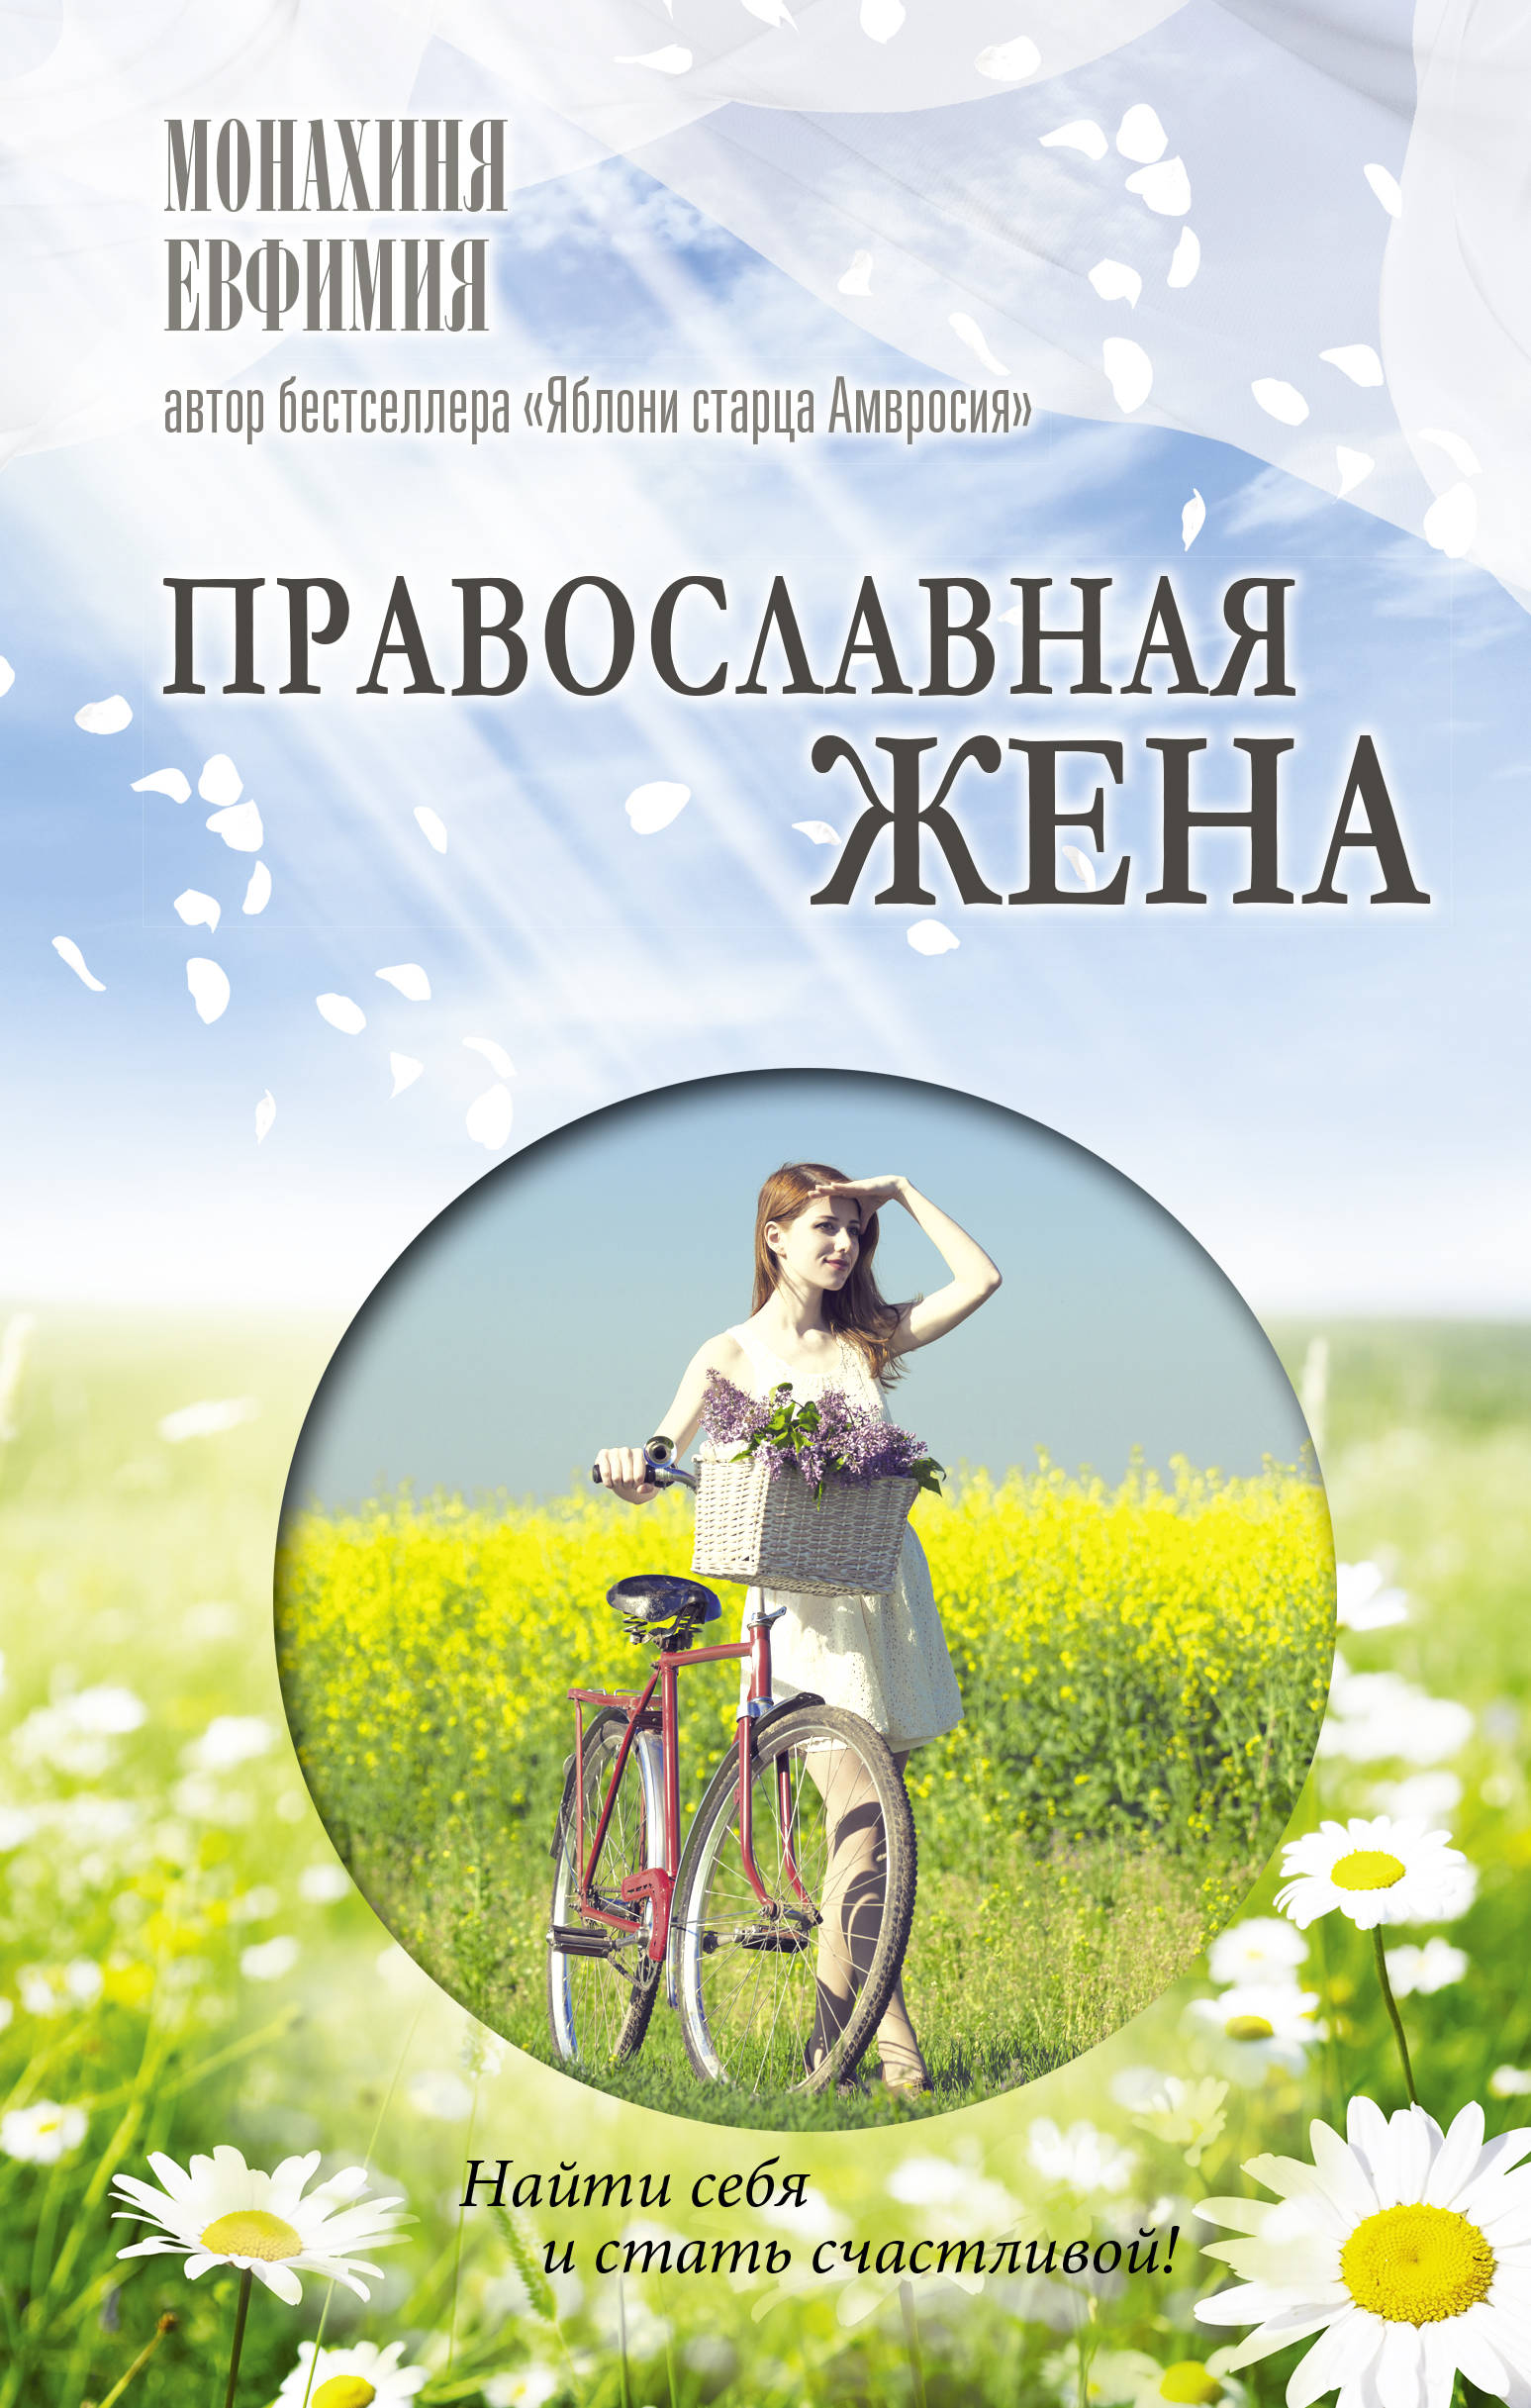 Православная жена. Как найти мужа и стать счастливой.